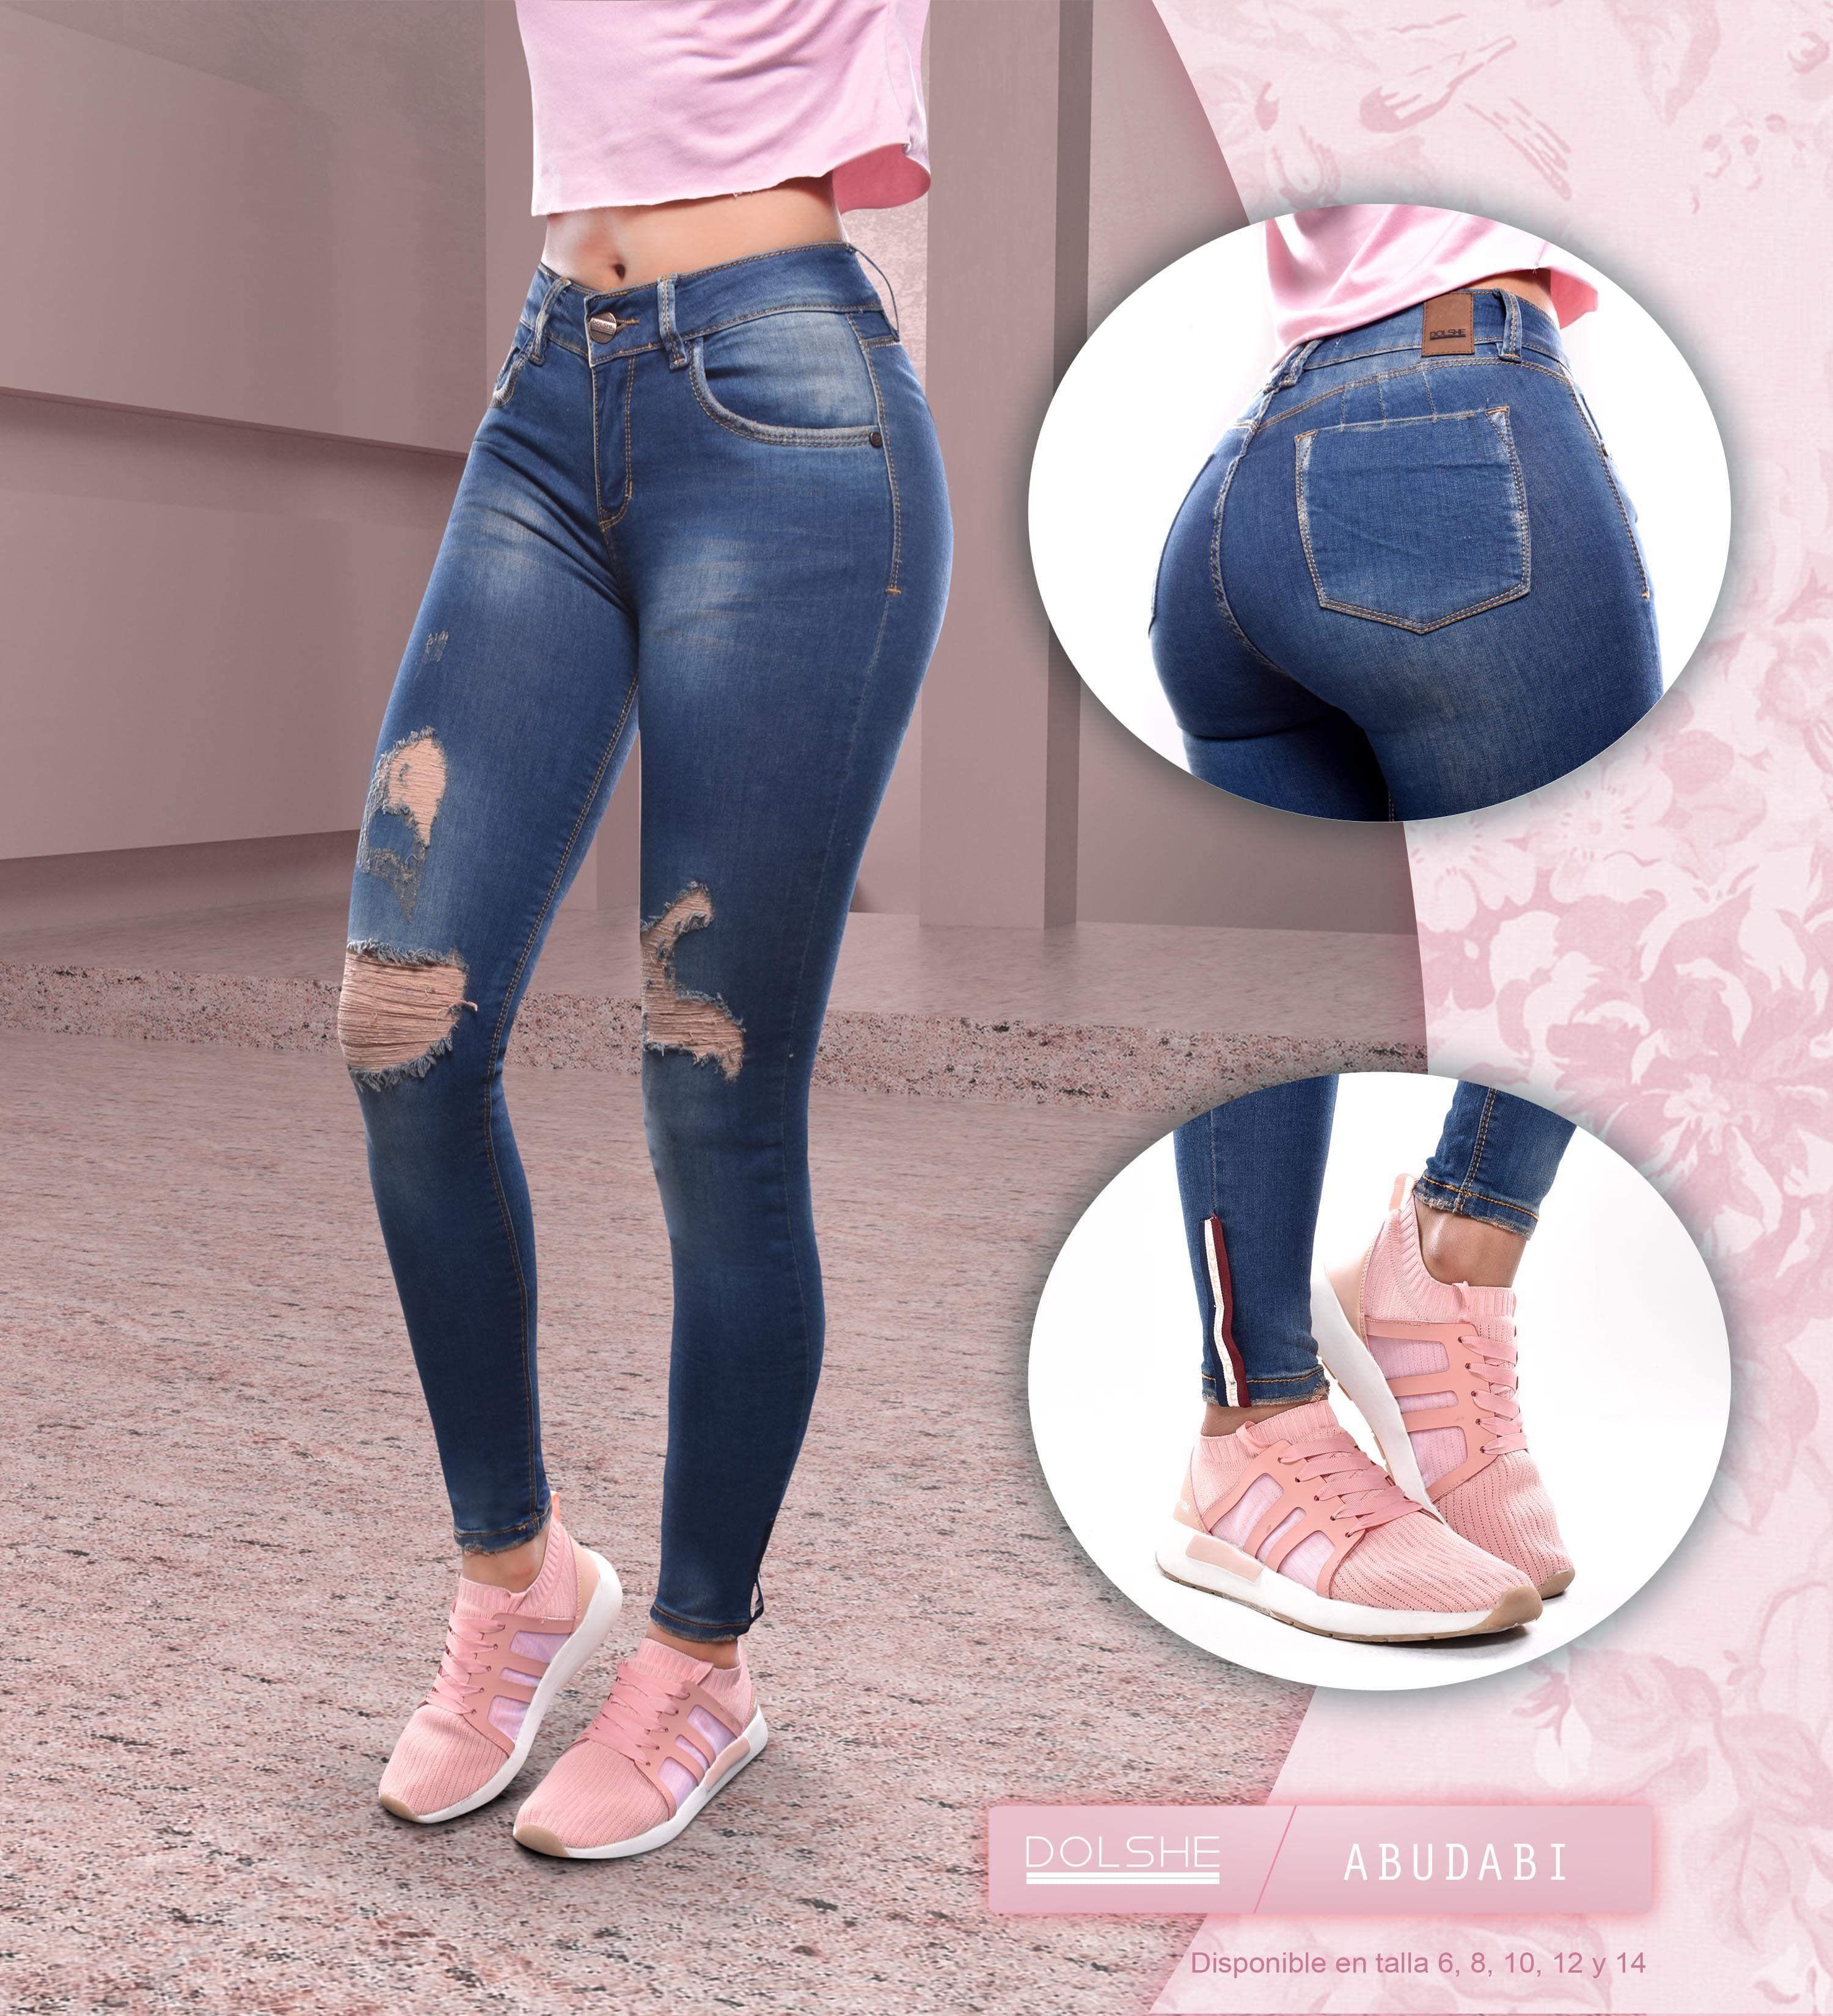 Estilos Que Traspasan Fronteras Un Nuevo Diseño Llega A Nuestra Colección Dolshe Denim Pants For Women Embroidered Mom Jeans Womens Black Pants